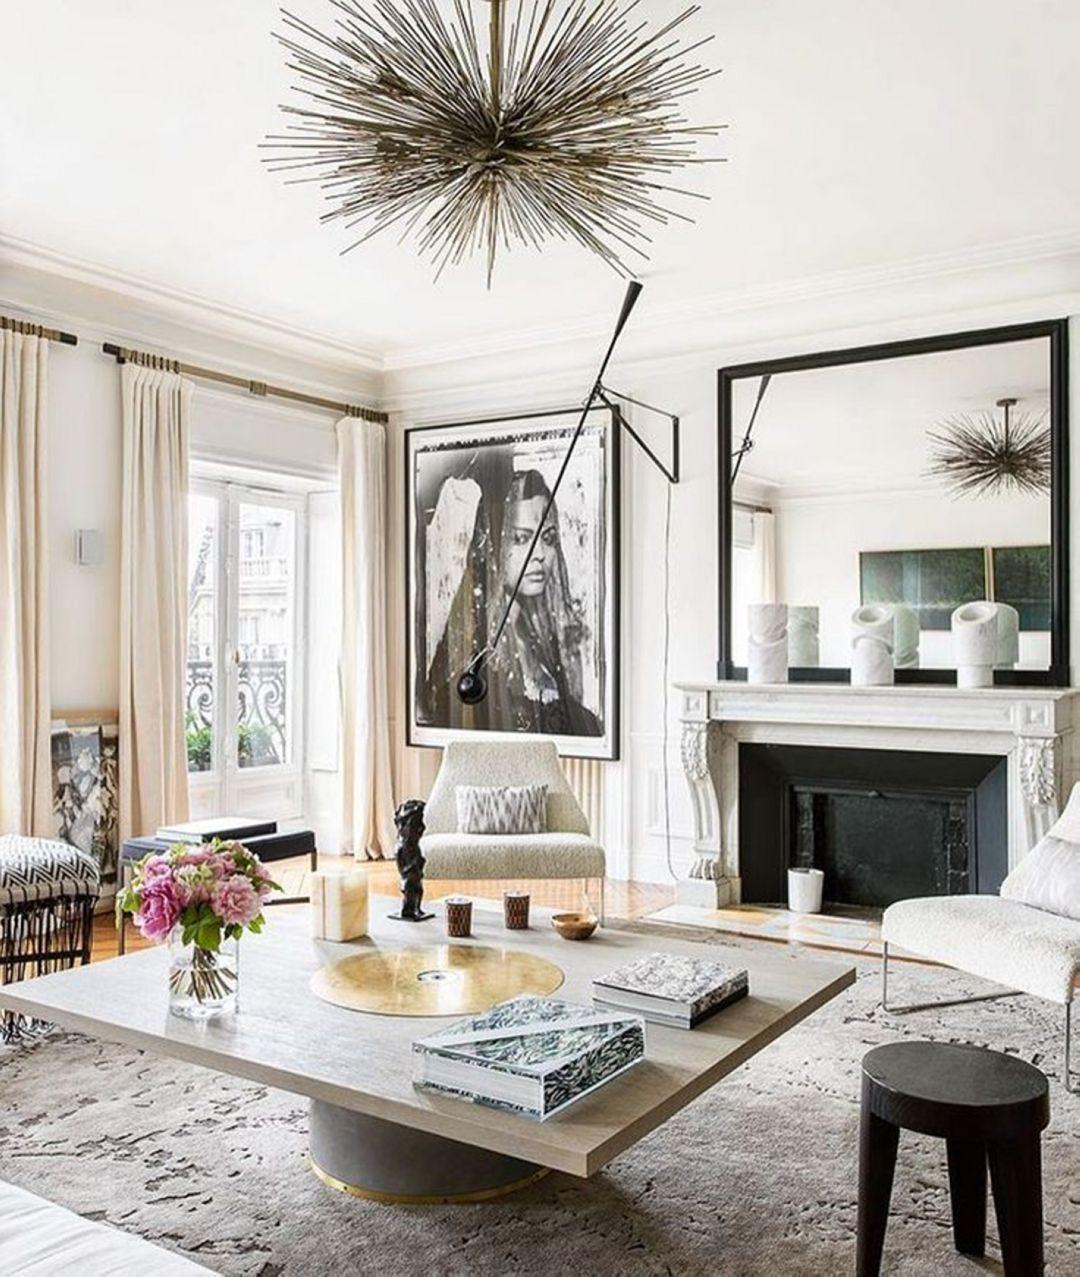 Прекрасный интерьер французской квартиры